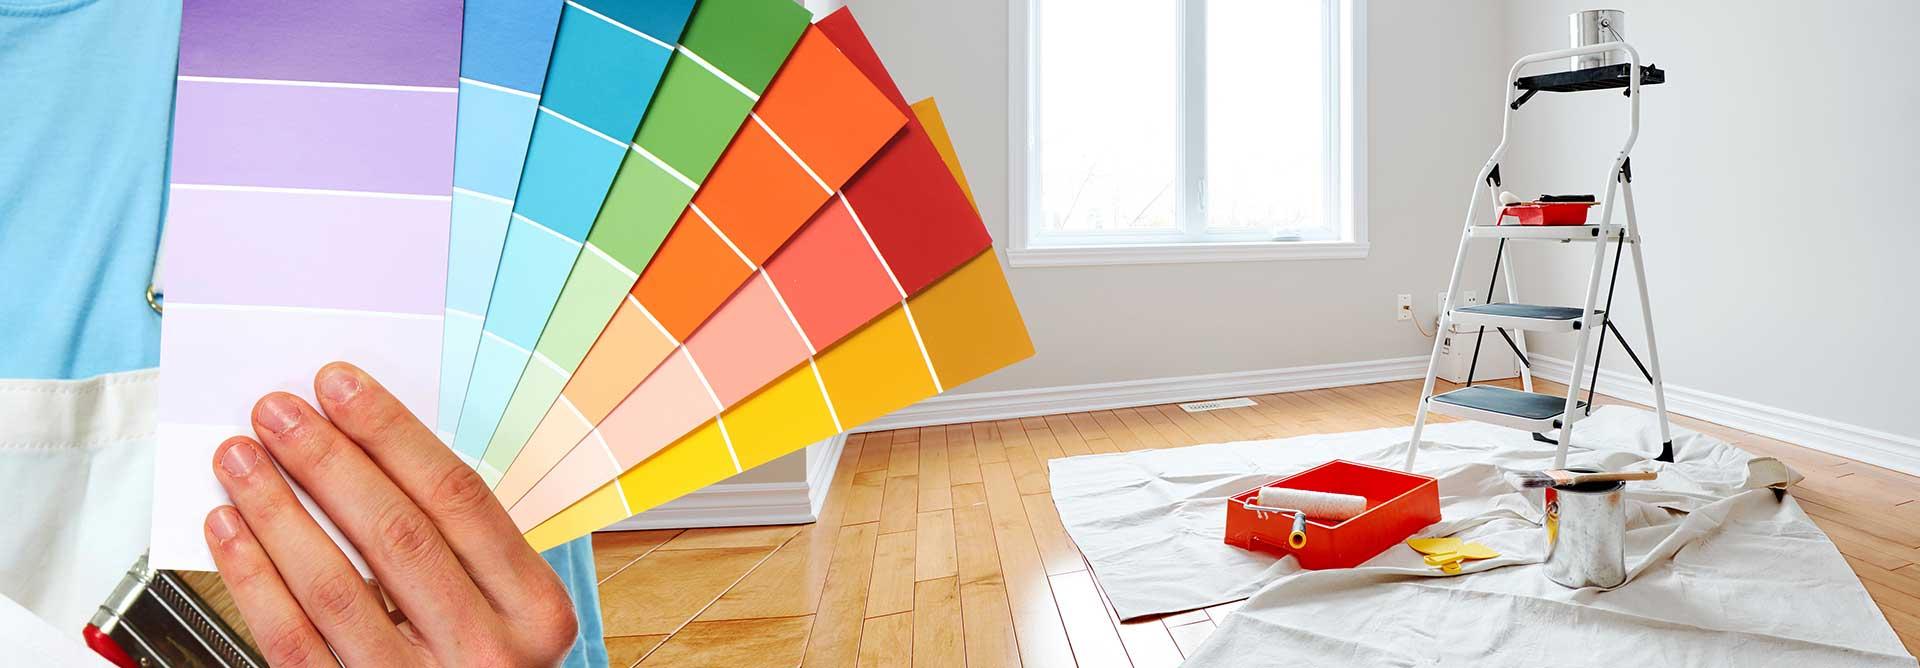 BTMS Peinture | entreprise de peinture près de Saint-Dizier